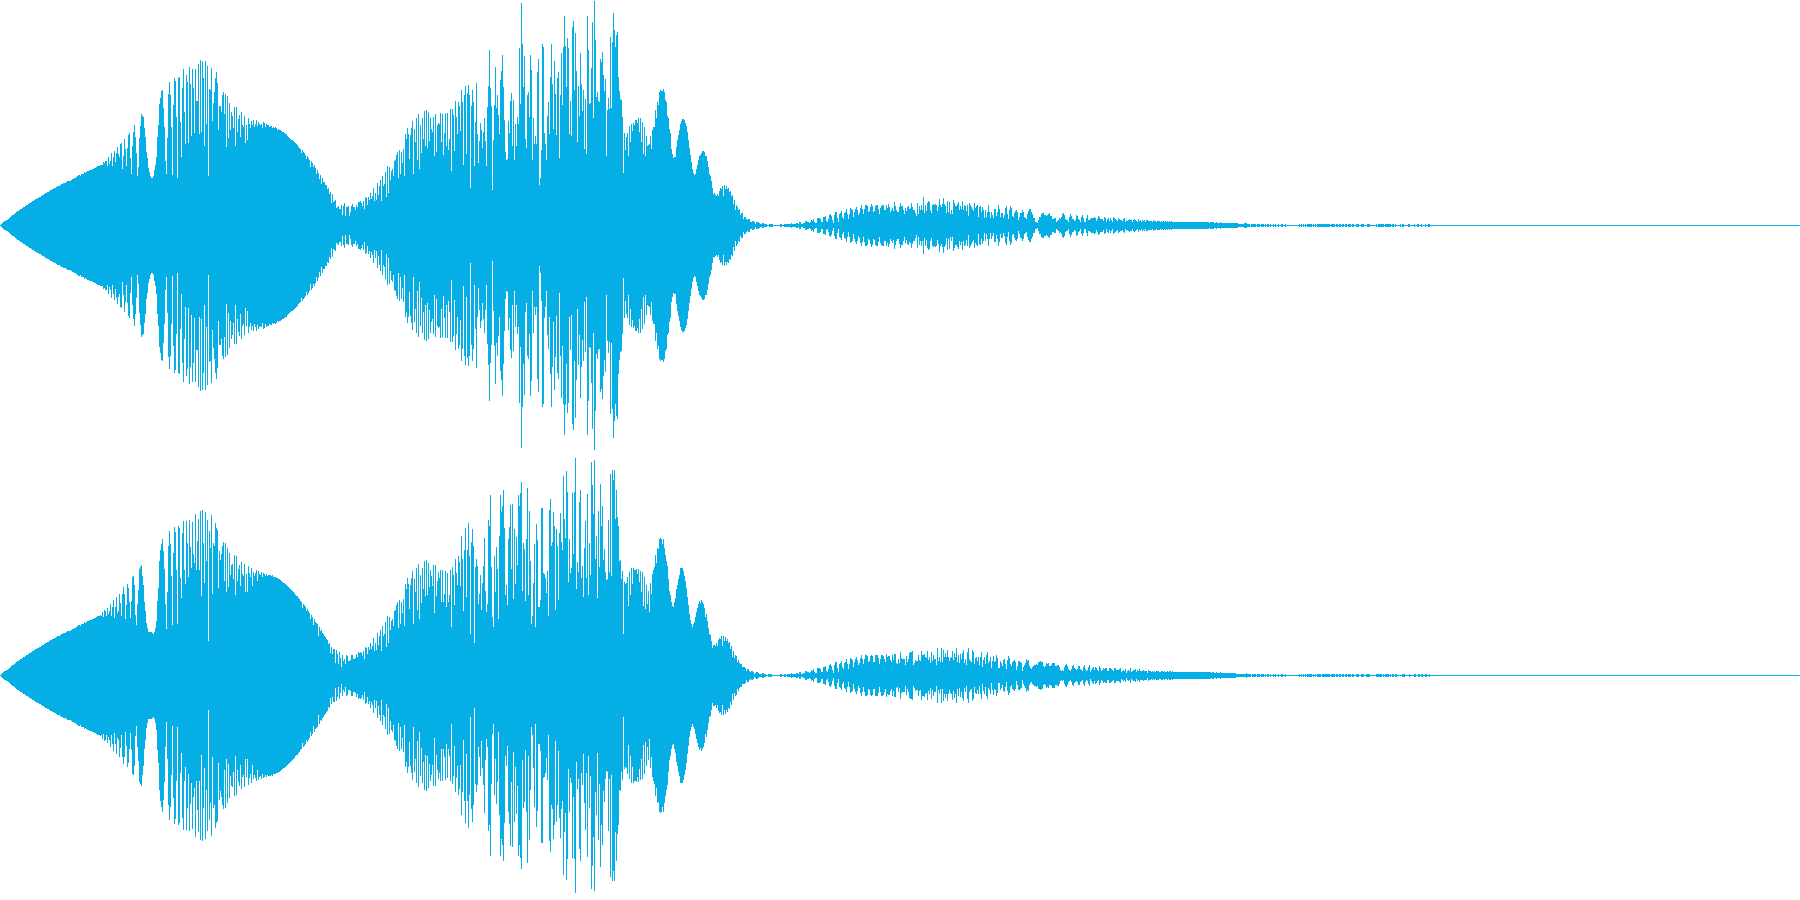 コミカルな動画制作用の効果音_ぴよぴよの再生済みの波形